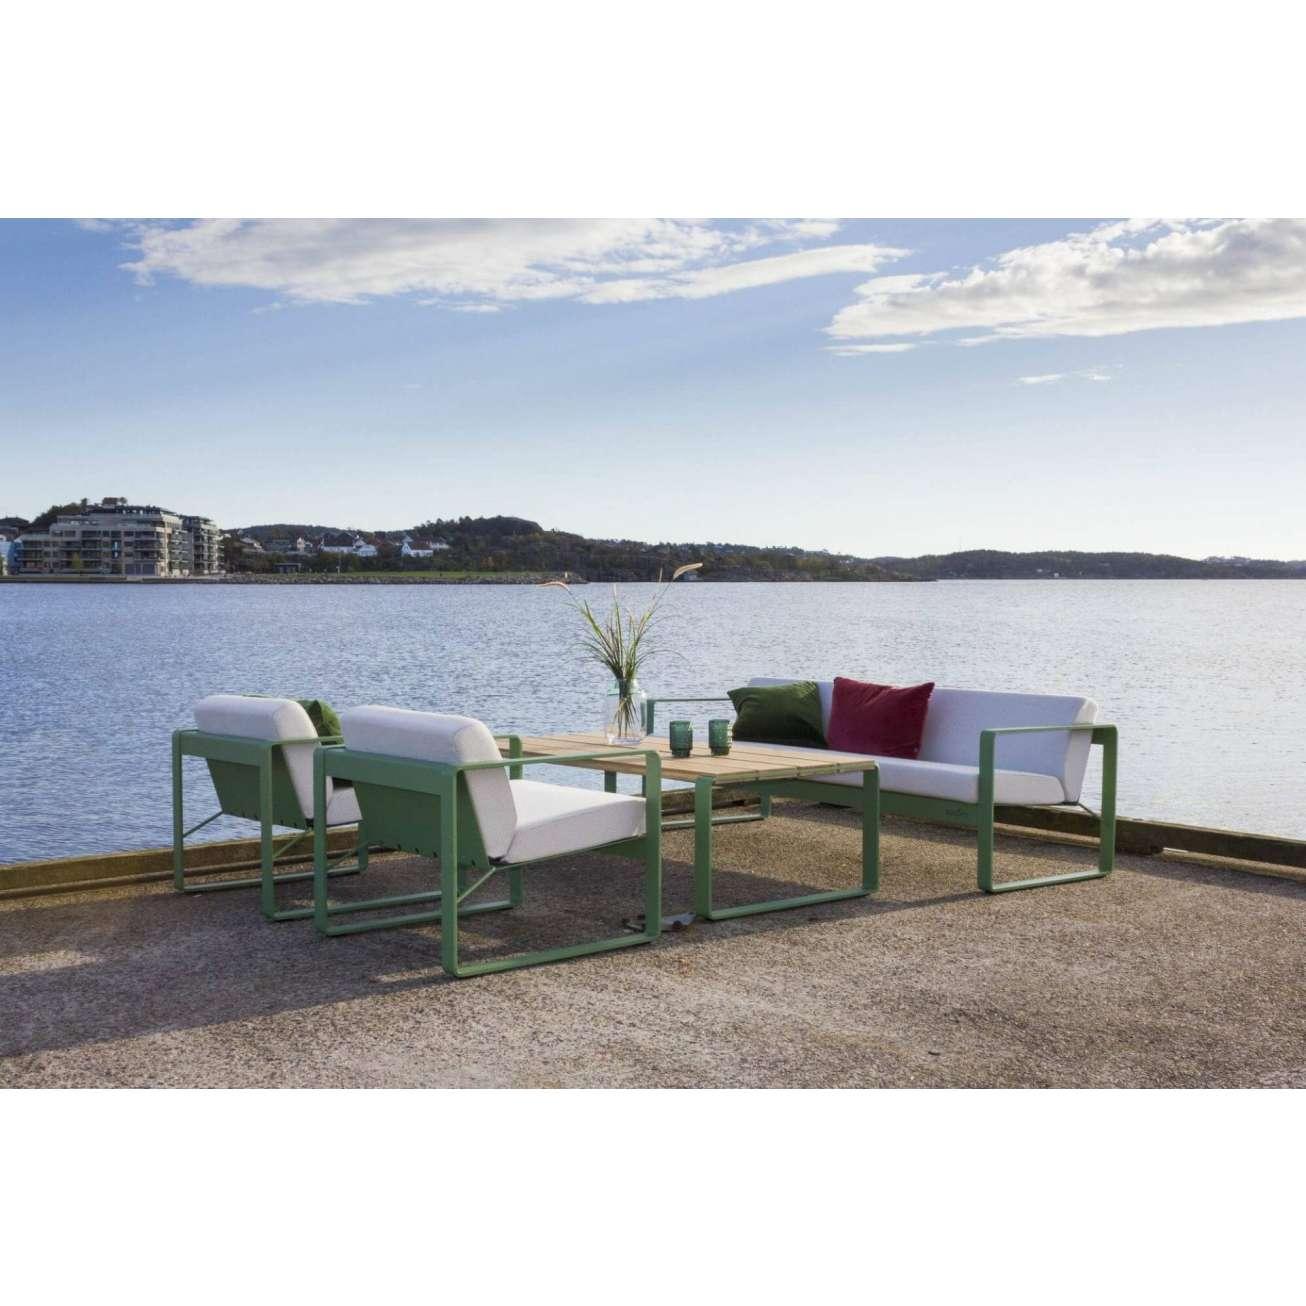 Sundays Core Hagesofasett ved havet - treseter, to hafestoler og hagebord i grønn aluminium med hvite puter